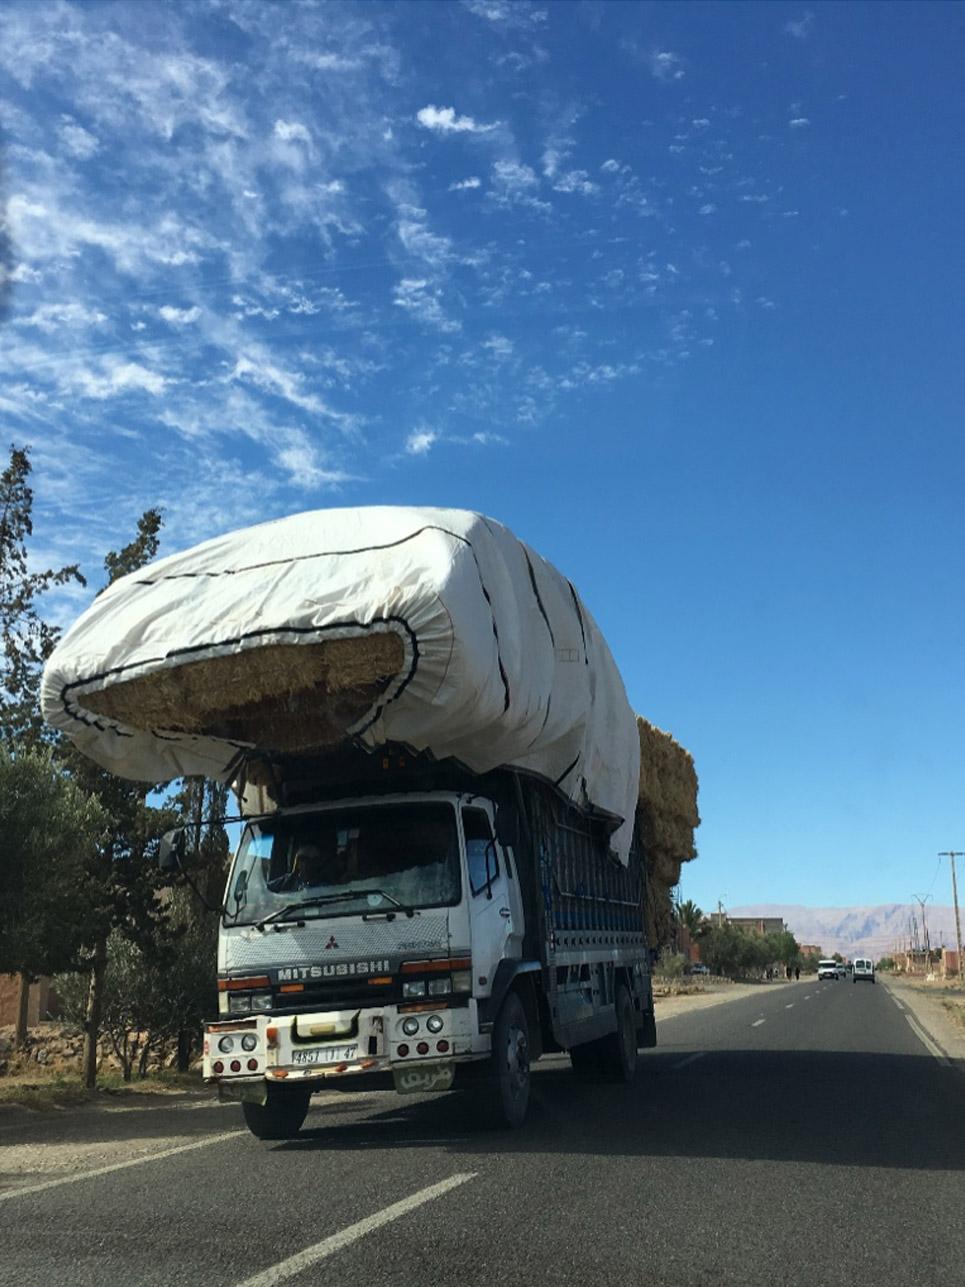 Begegnung des Tages: Solche vollgepackten Lastwagen sieht man hier sehr häufig.